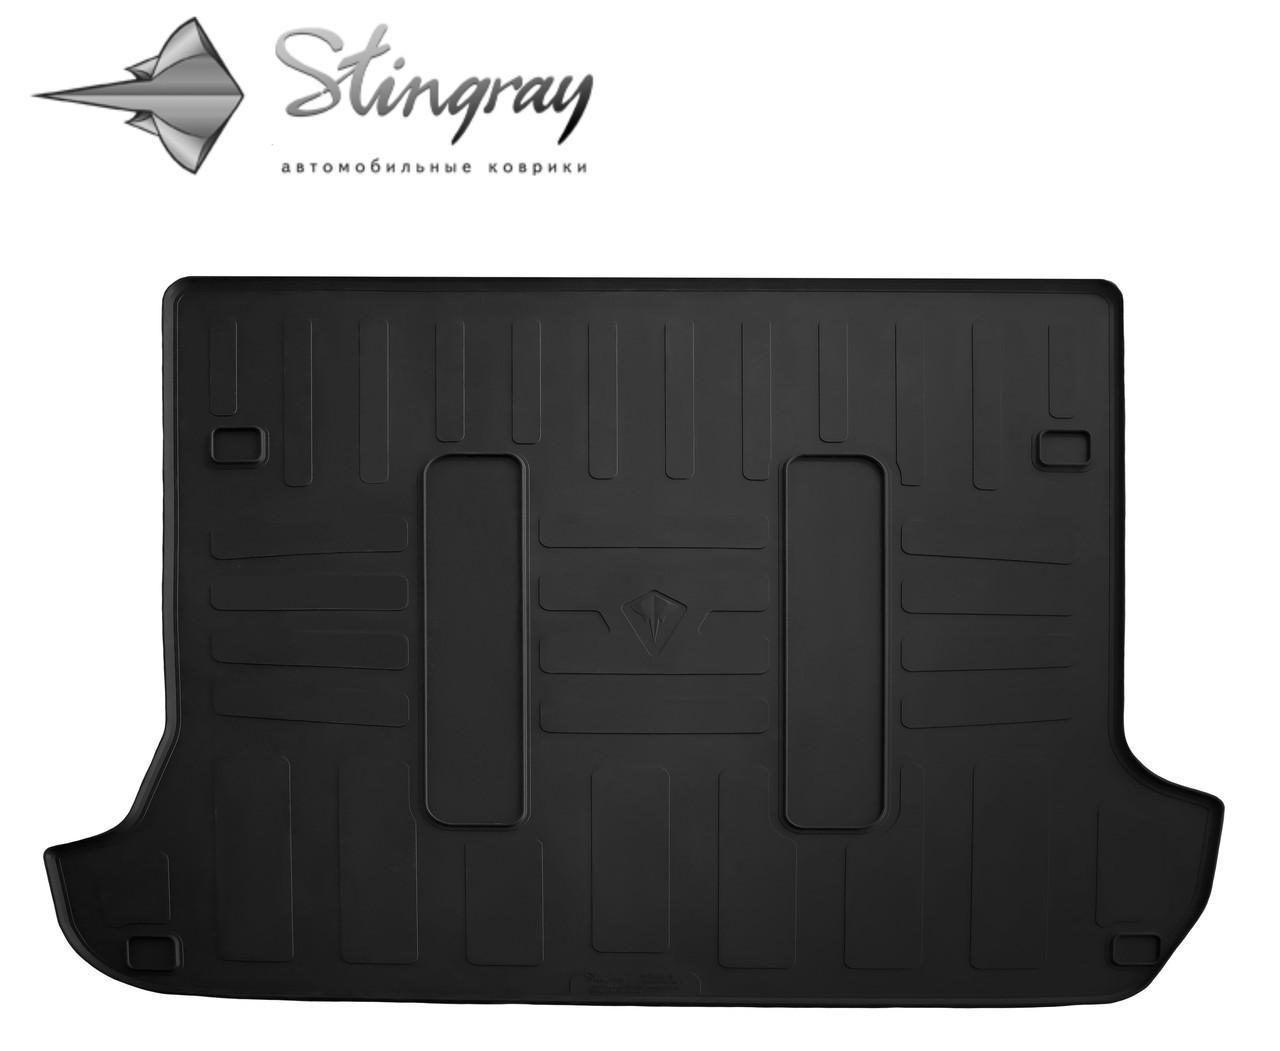 Коврик багажника Toyota Rav 4 2013- (докатка, гибрид) Stingray